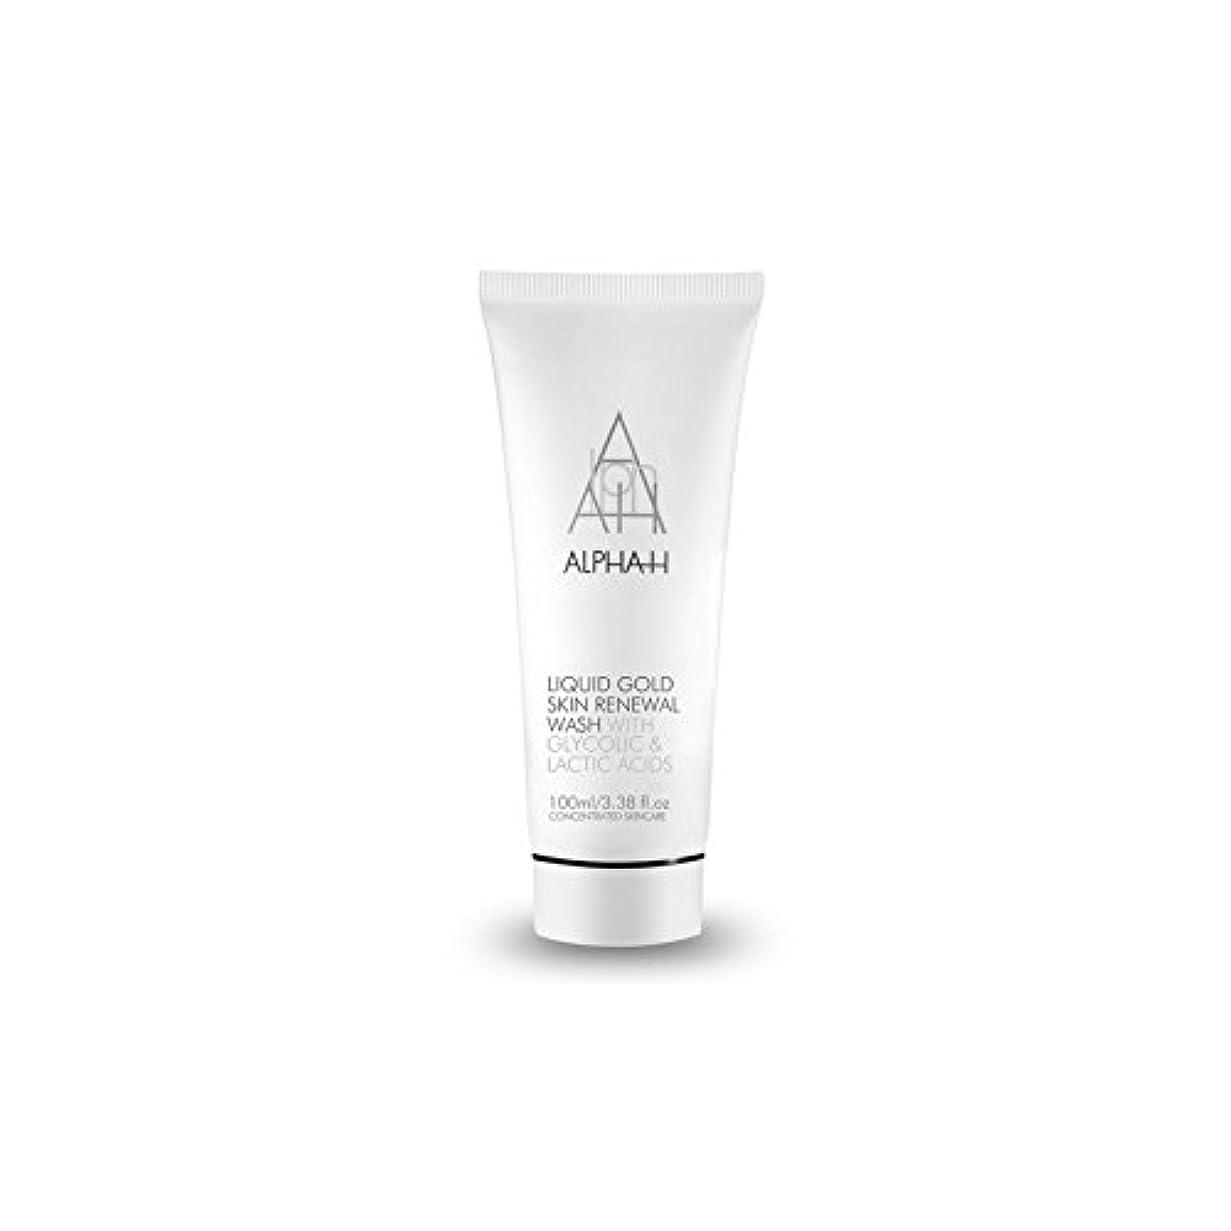 演じる温かい要求するAlpha H Gold Skin Renewal Wash (100ml) - アルファのゴールドスキンリニューアルウォッシュ(100ミリリットル) [並行輸入品]